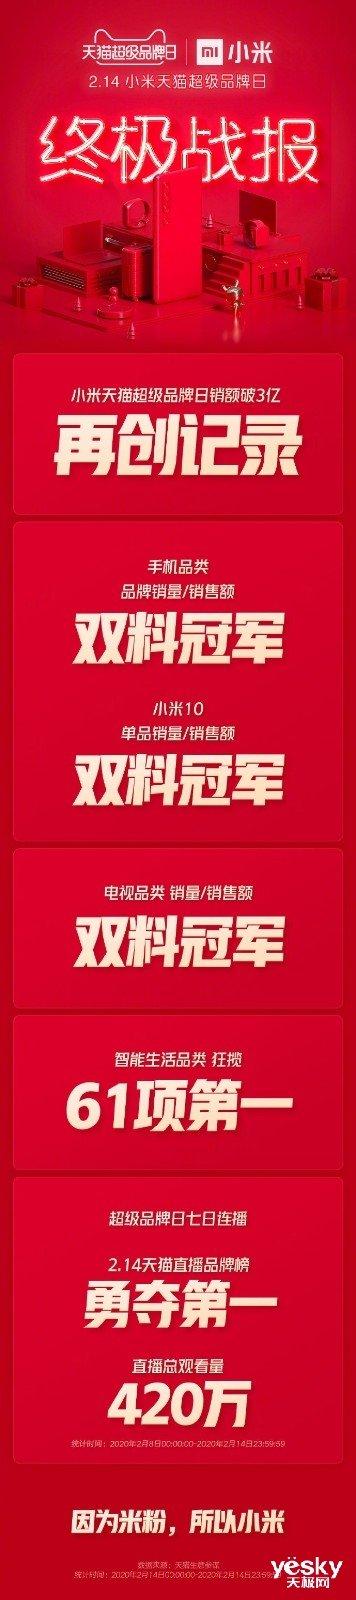 小米天猫超级品牌日终极战报:销售额破3亿元!手机、电视全大卖